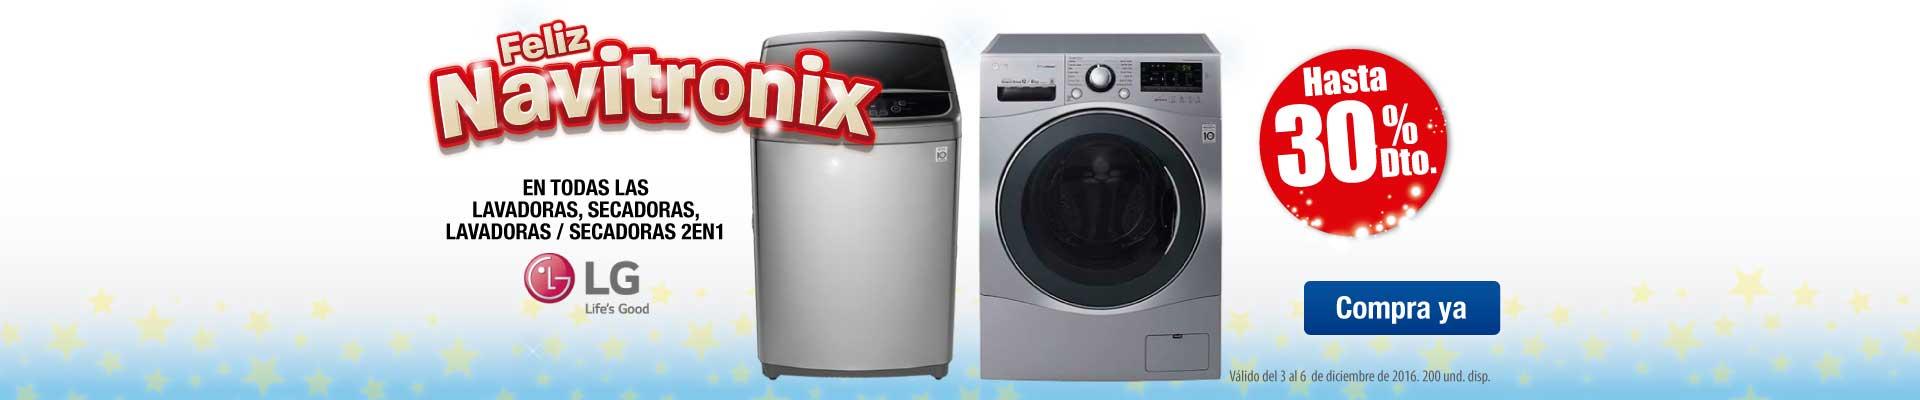 Hasta 30% Dto. en todo lavado y secado LG - Principal Ktronix - Dic 3